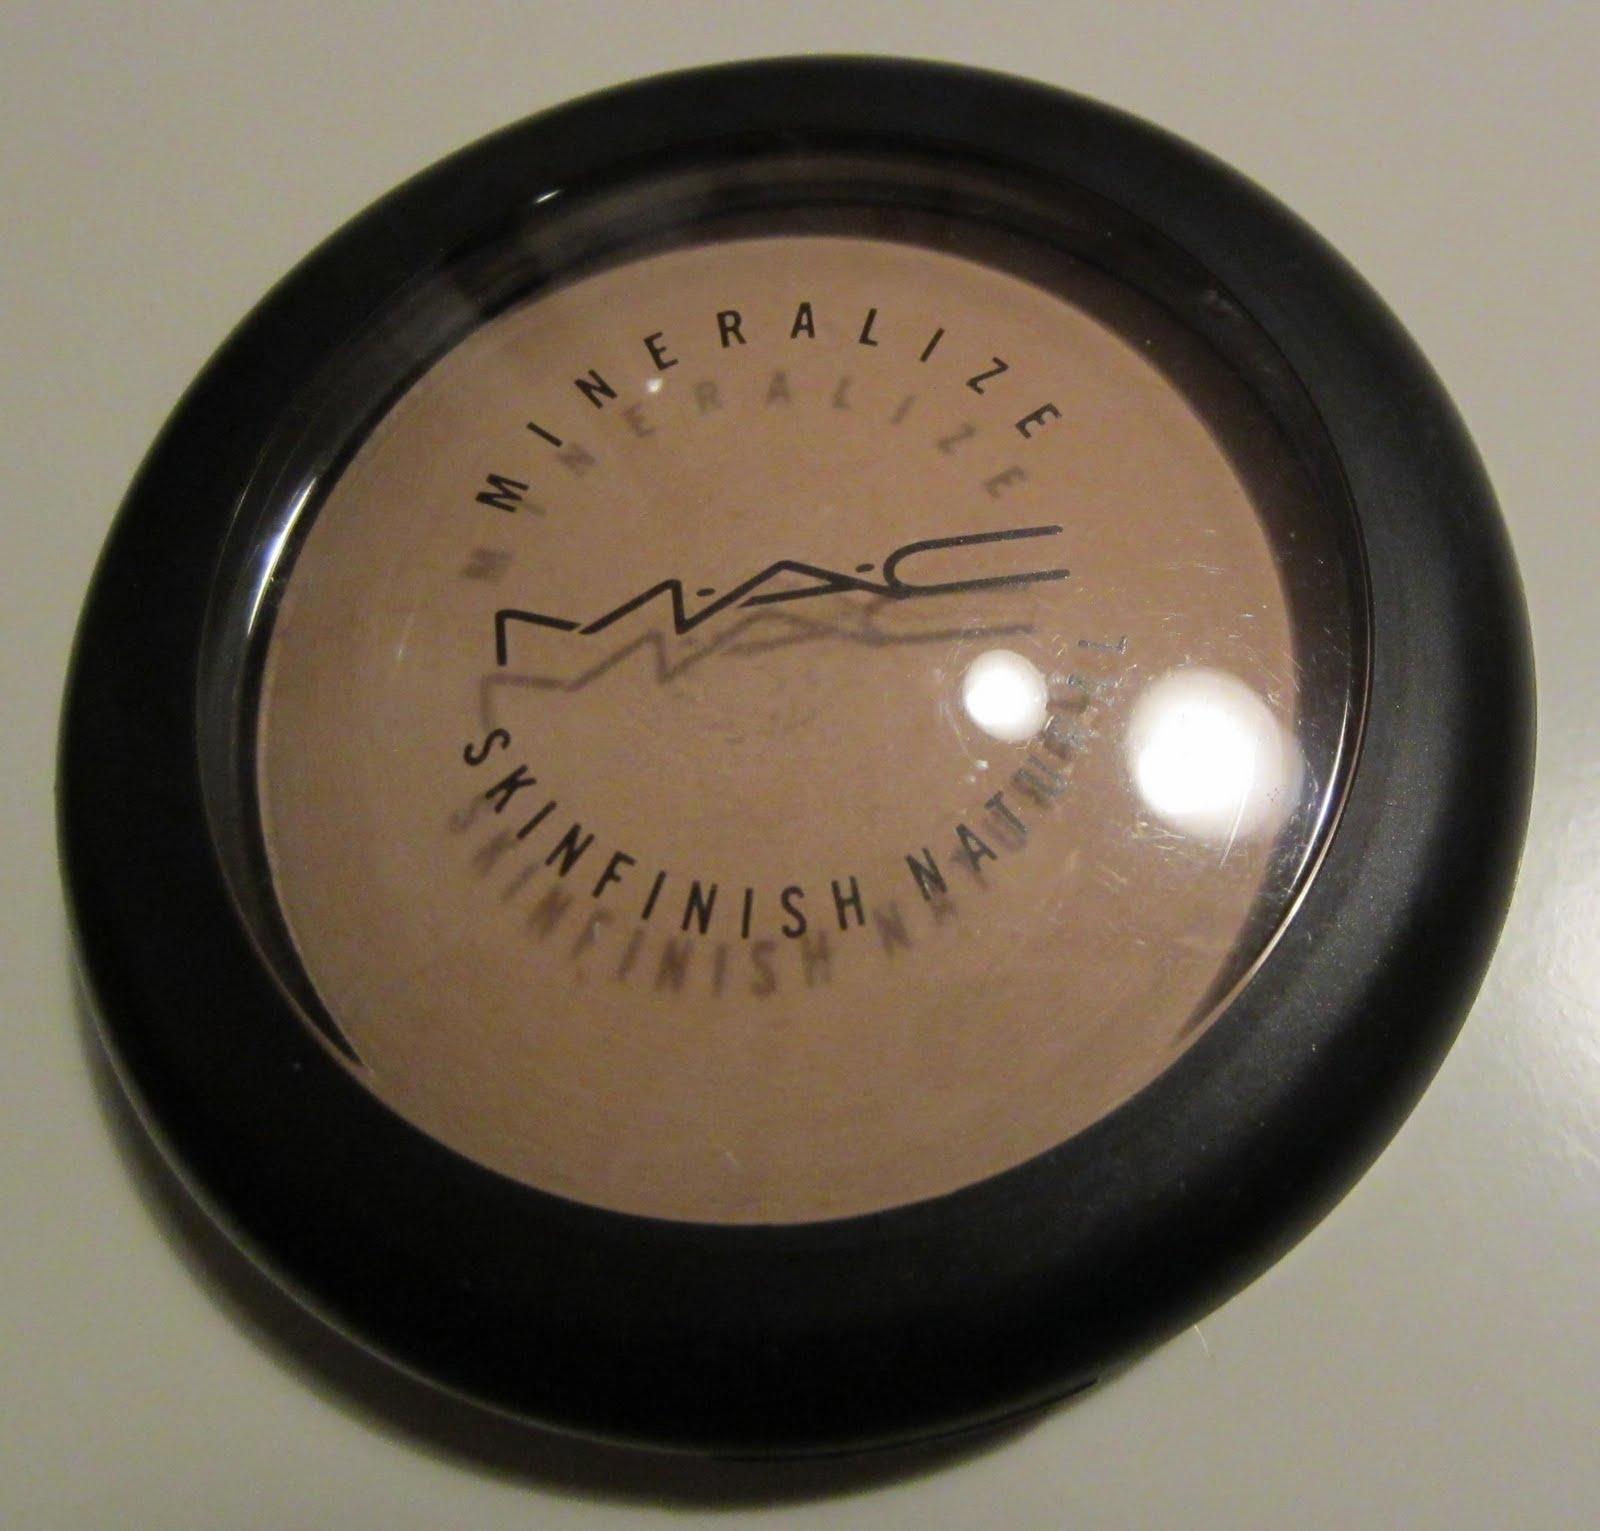 maquillage pas cher dans vide dressing de Flora : MAC - Poudre Mineralize Skinfinish Naturel médium - 10g - NEUVE